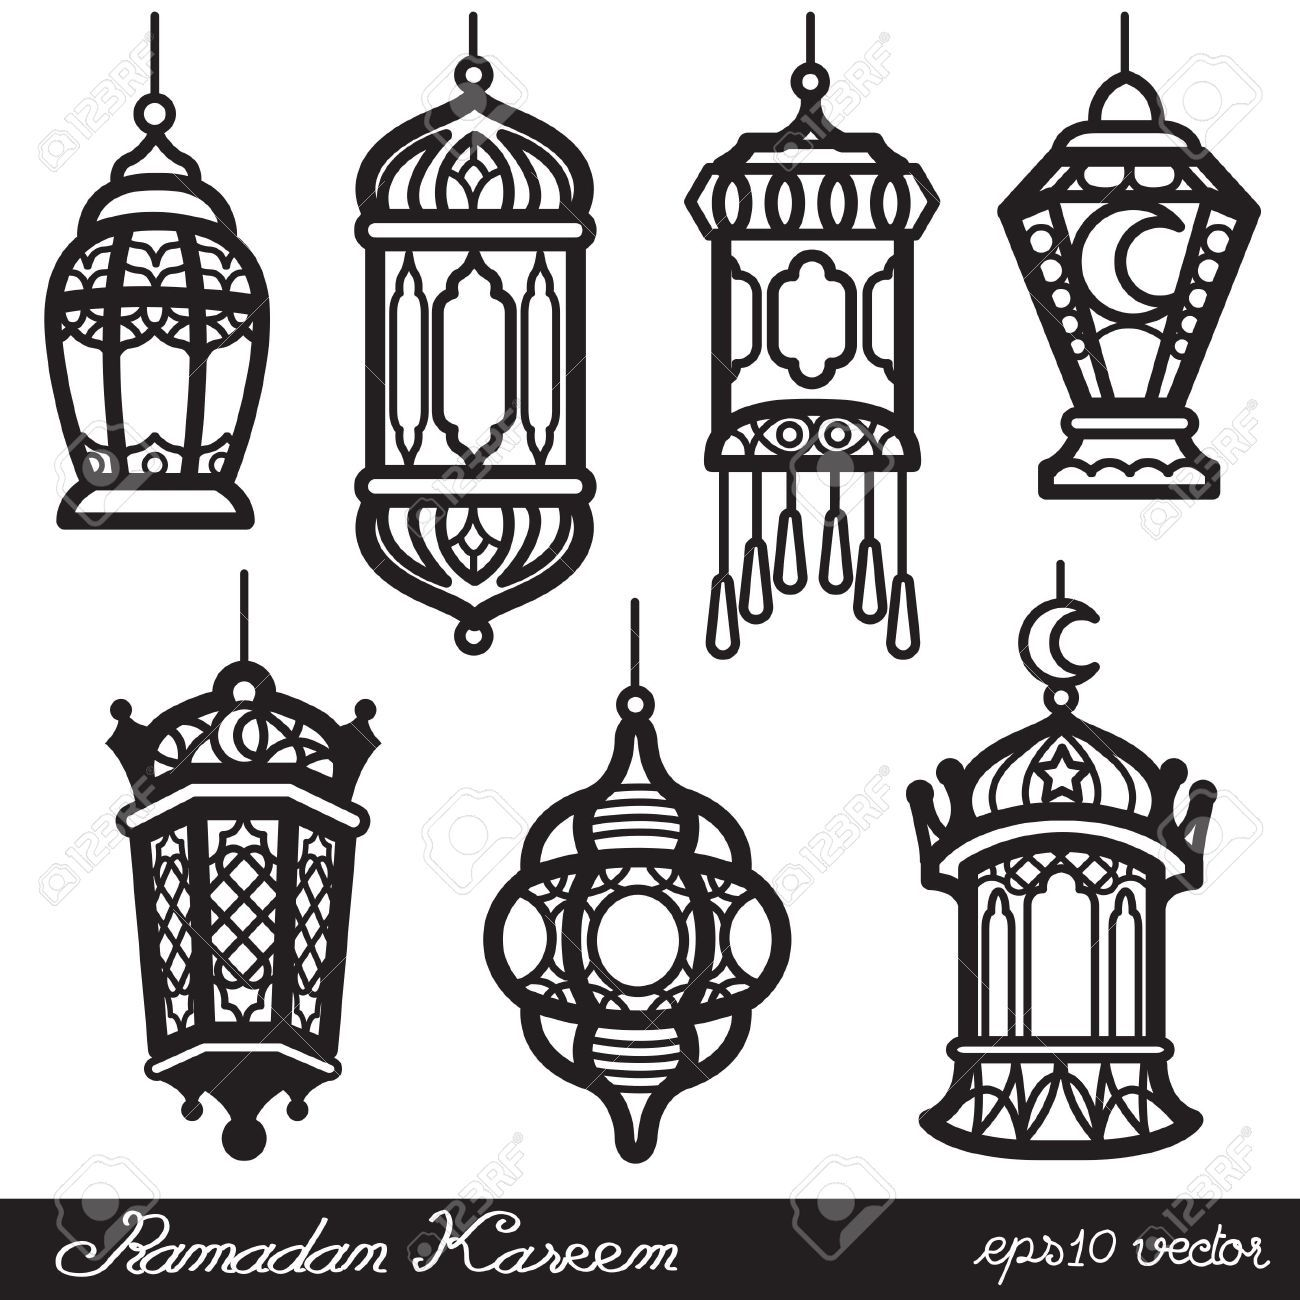 Ramadan Kareem Lantern Black Lantern Drawing Ramadan Lantern Art